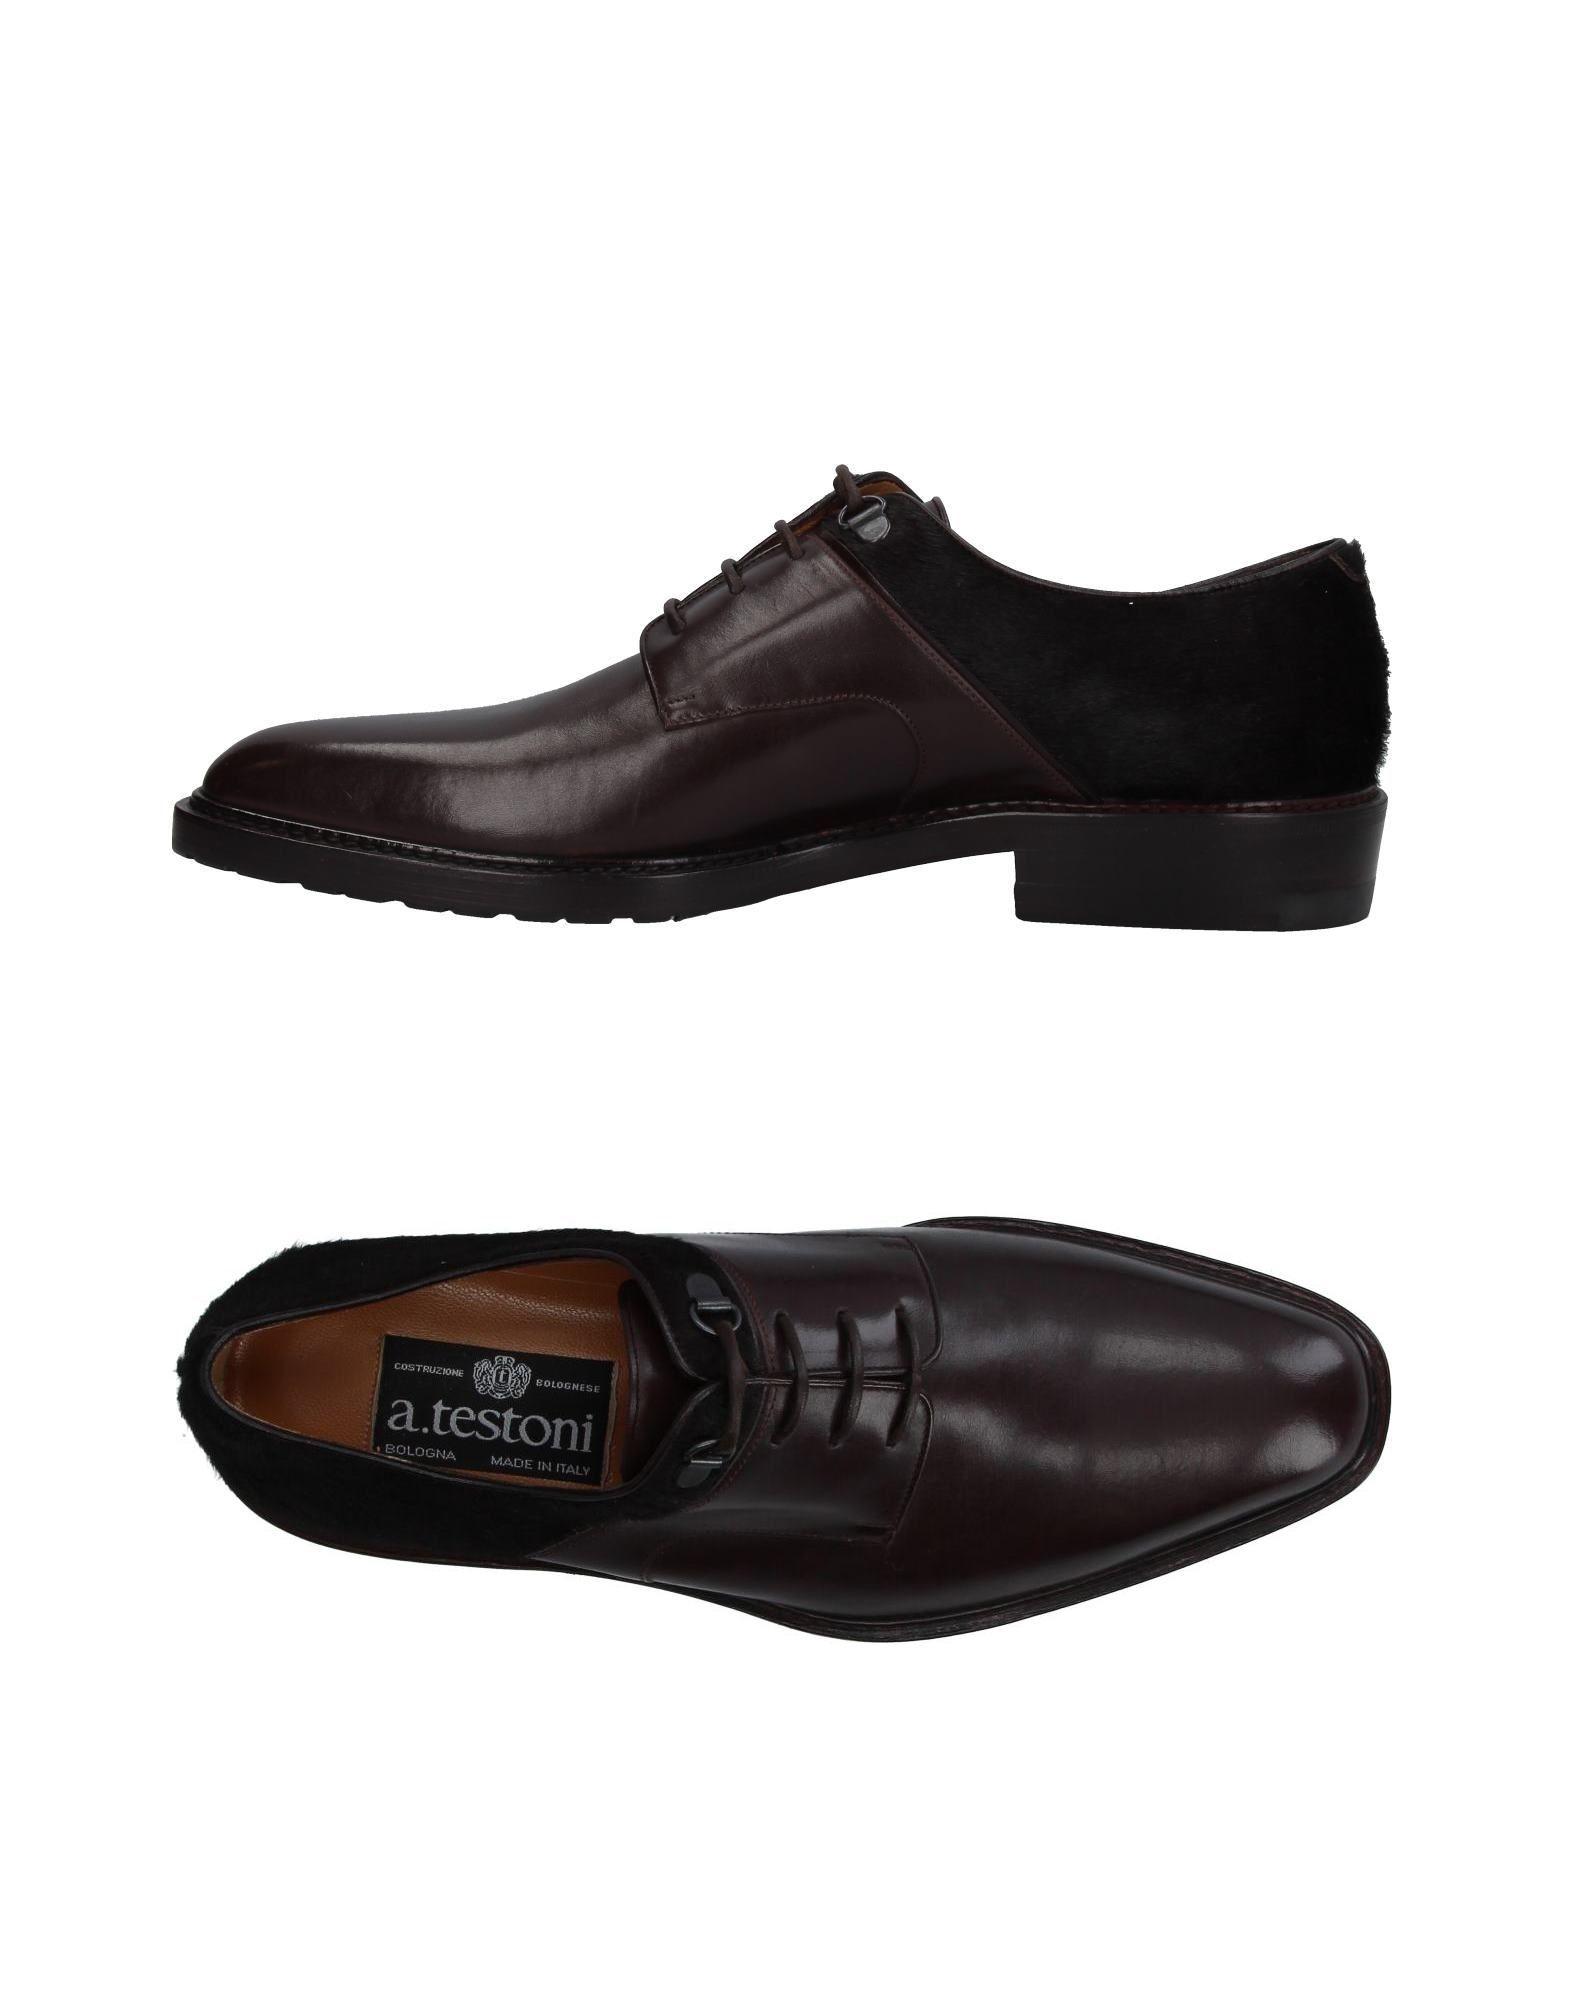 A.Testoni Schnürschuhe Herren  11353357QM Gute Qualität beliebte Schuhe